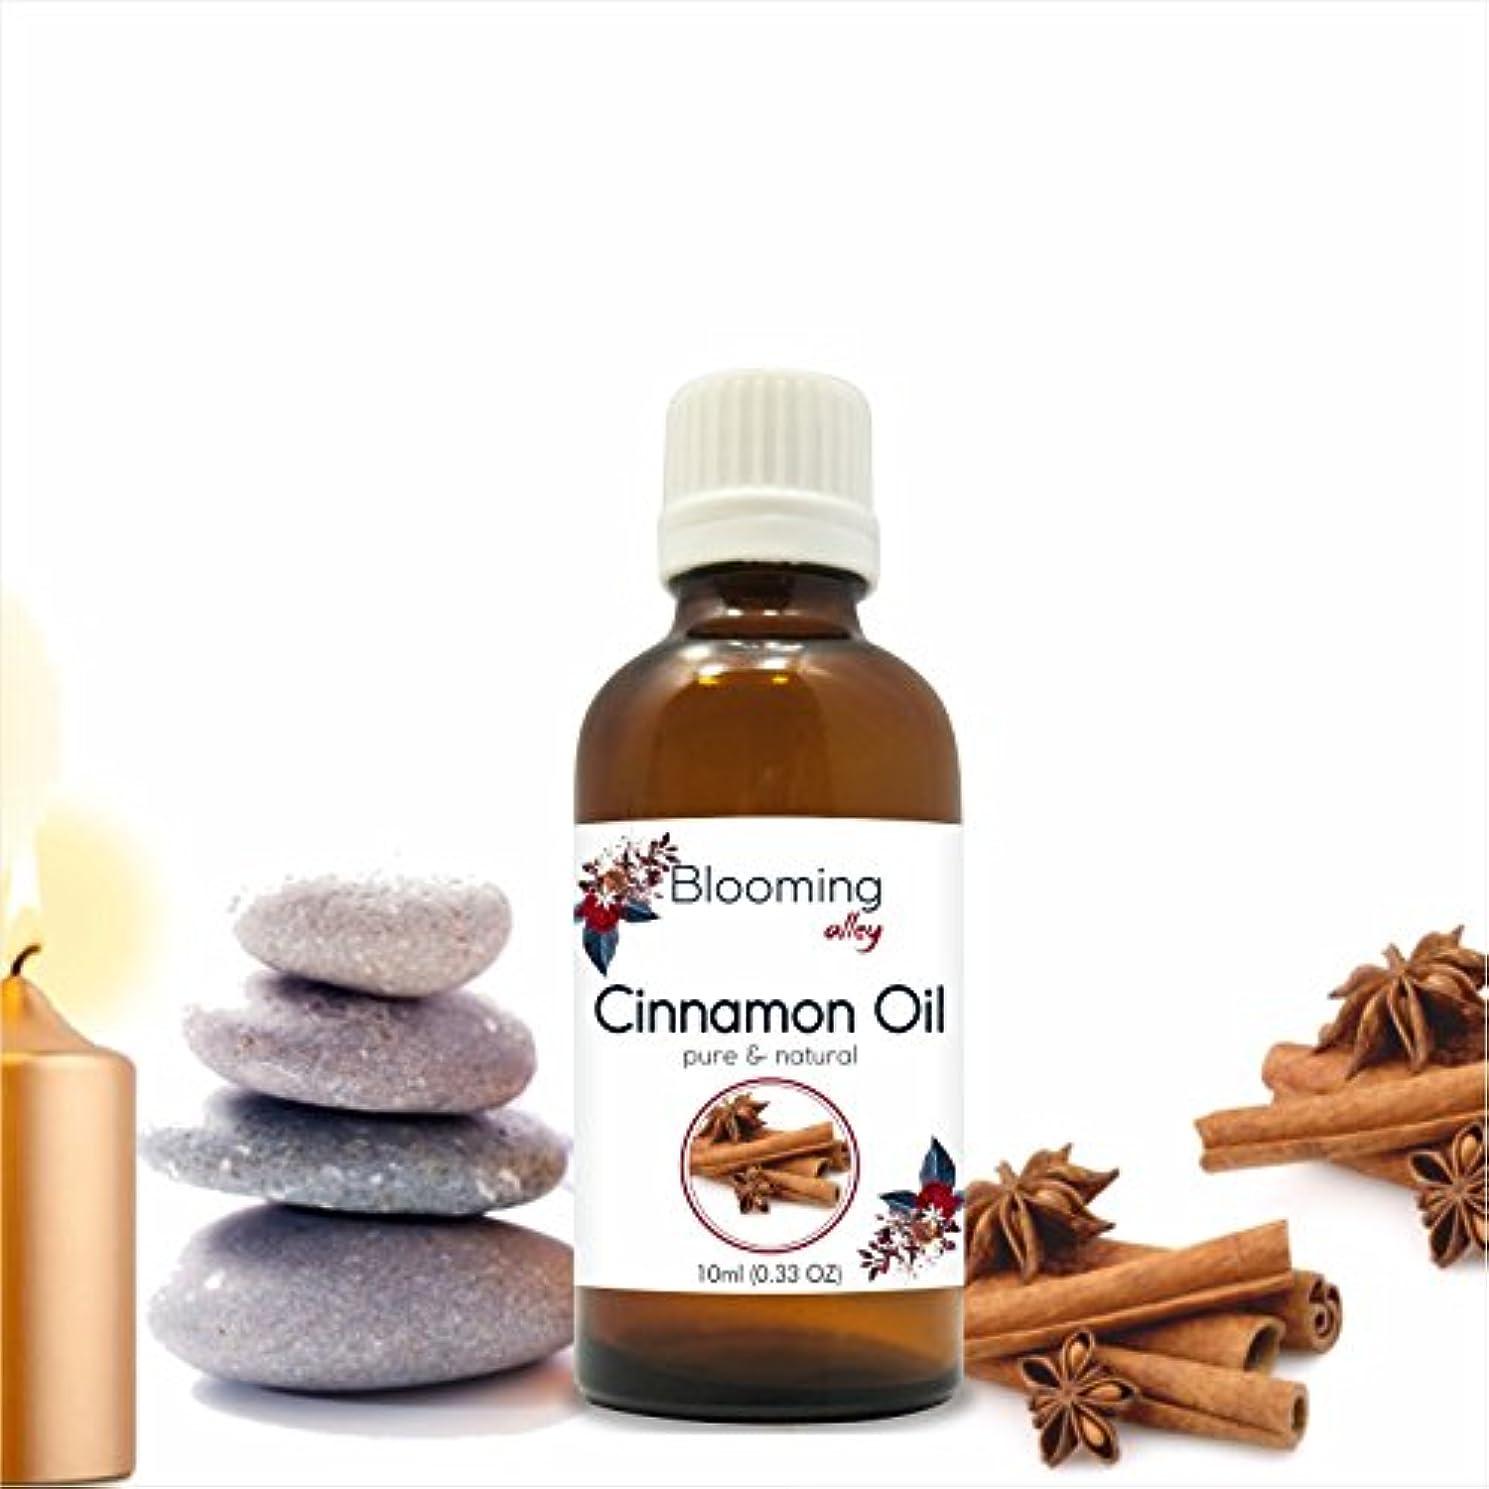 接地スポーツマン困惑Cinnamon Oil (Cinnamomum Cassia) Essential Oil 10 ml or 0.33 Fl Oz by Blooming Alley